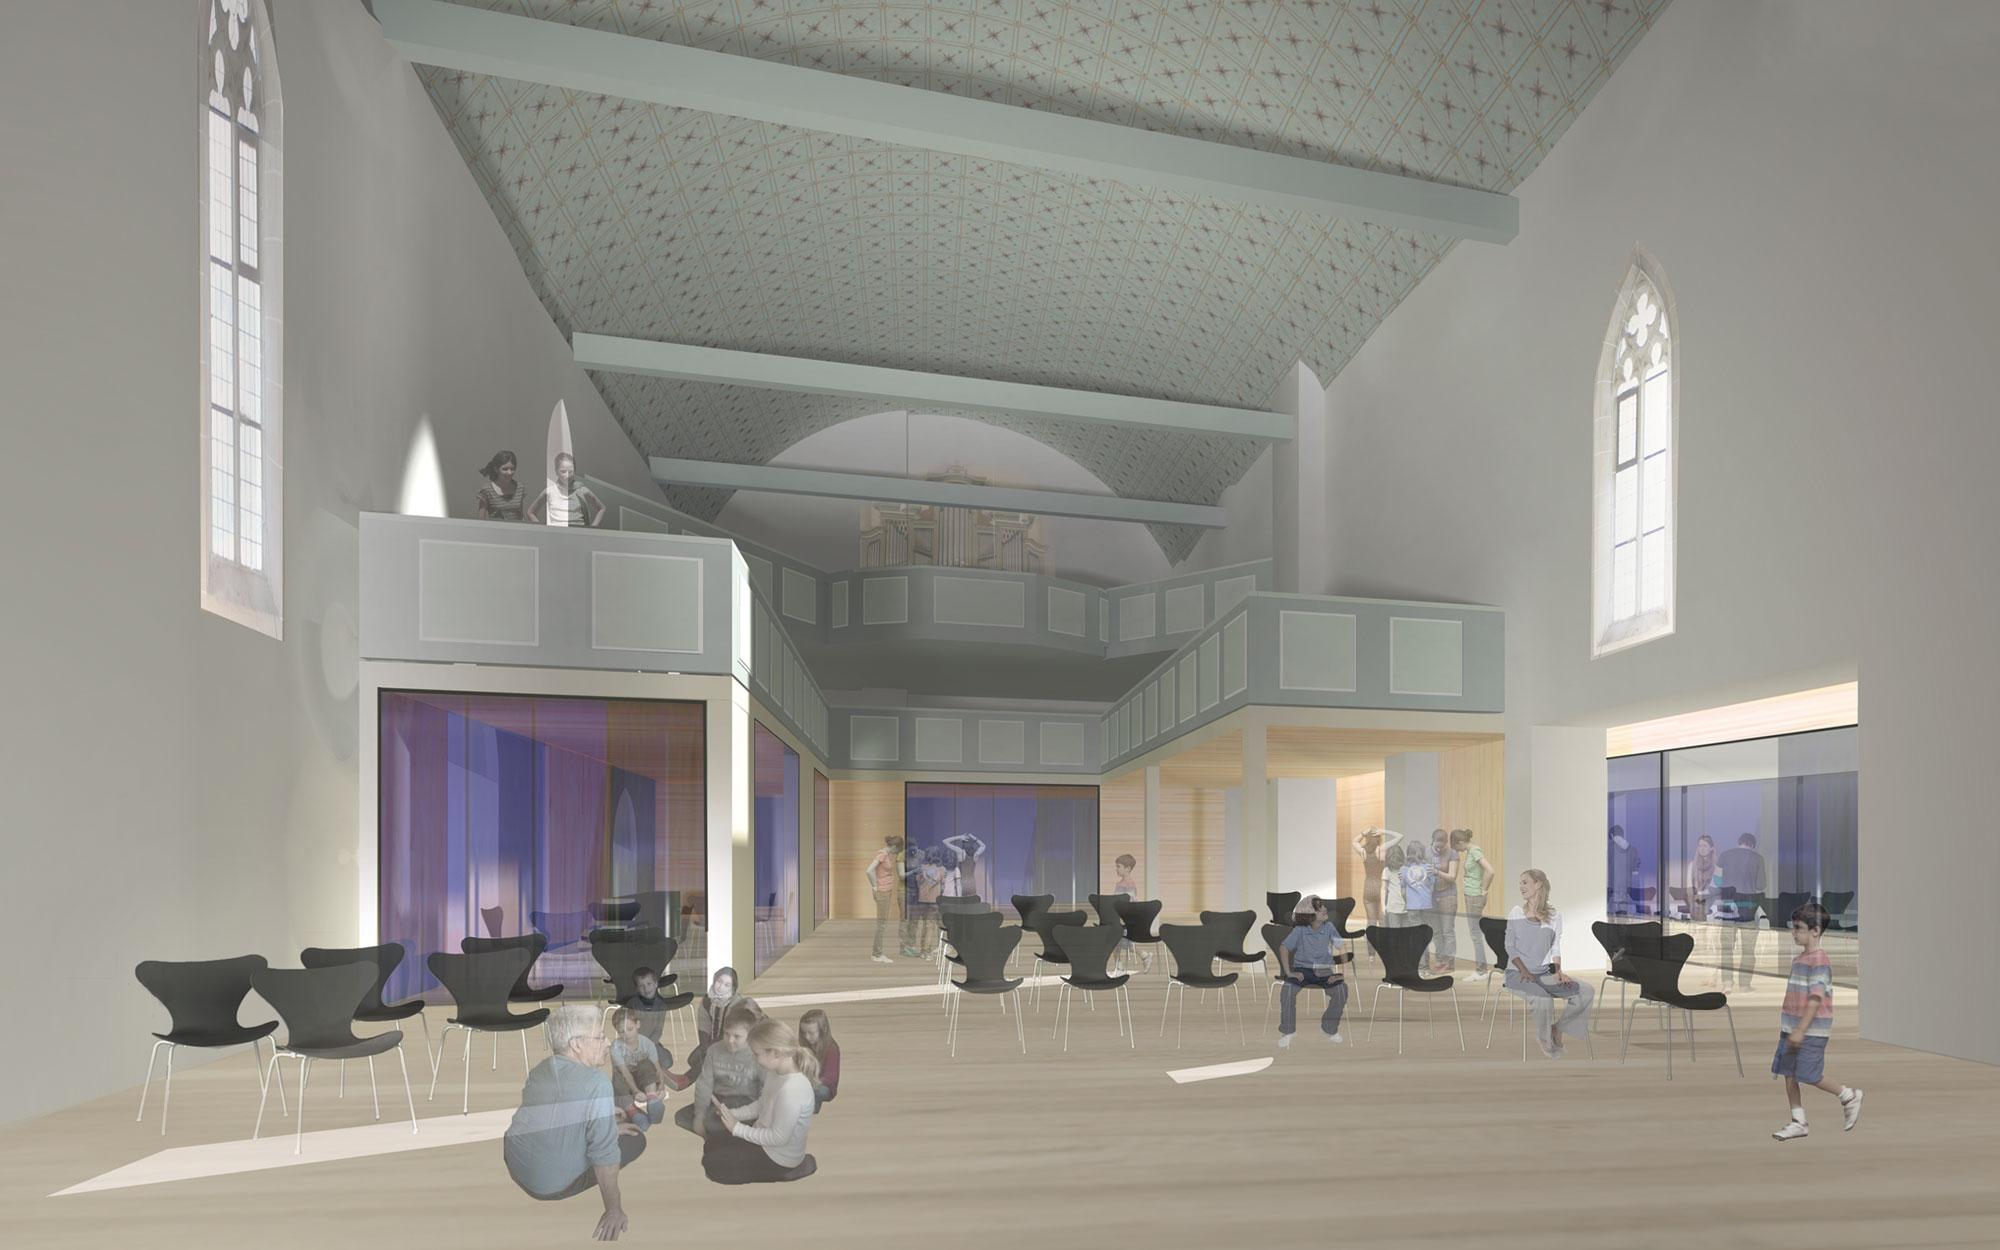 Architekt Nordhausen ergebnis jugendkirche st in valle umgestal competitionline